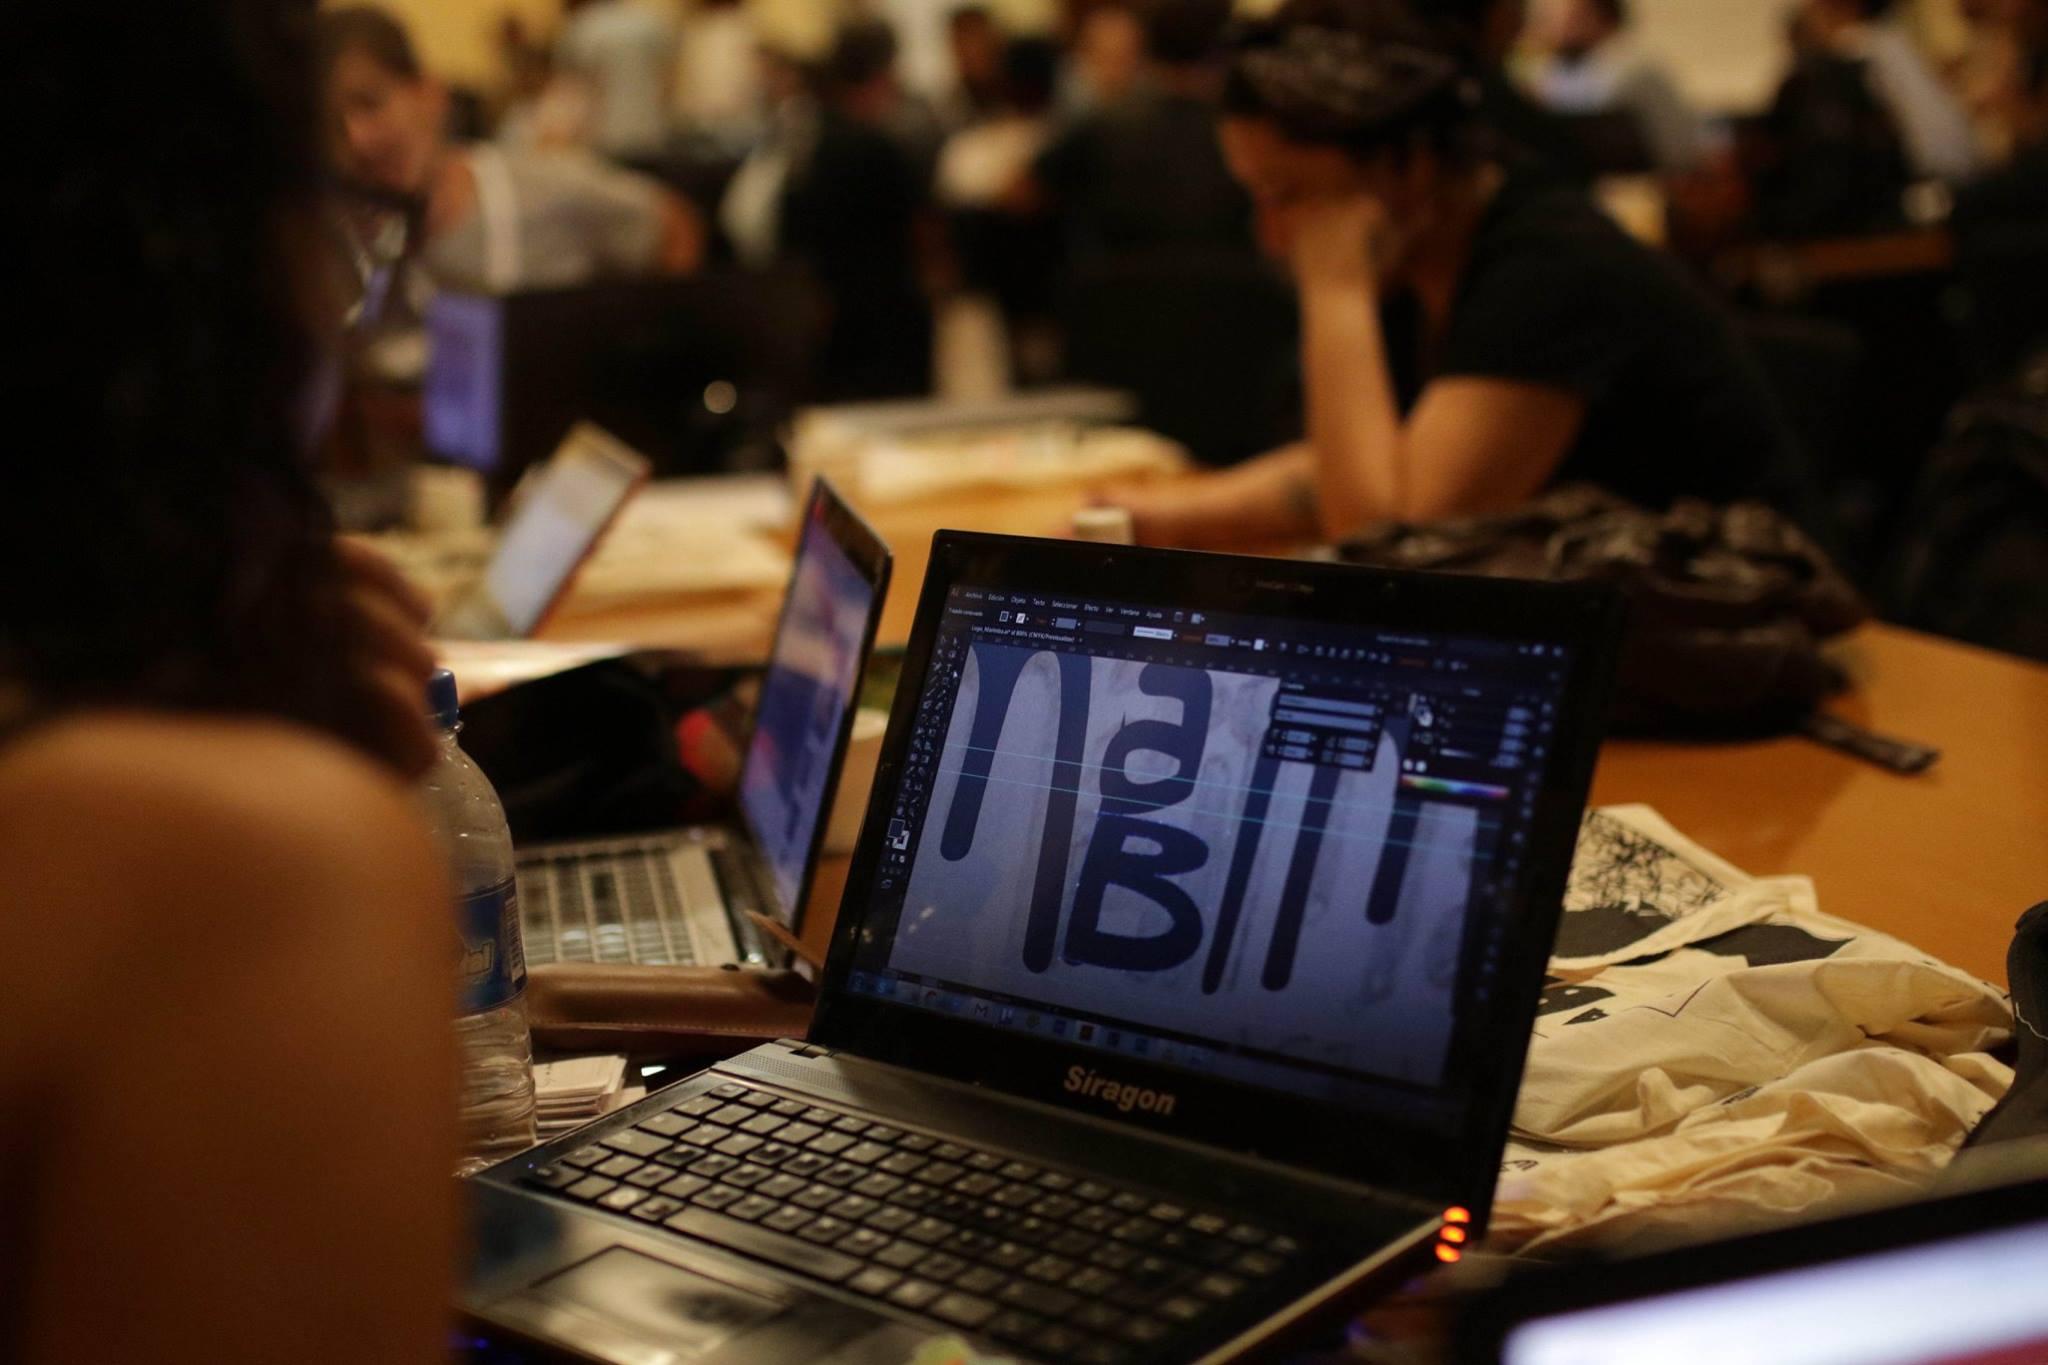 El proyecto Marimba inclusiva fue uno de los protagonistas de LABICCO